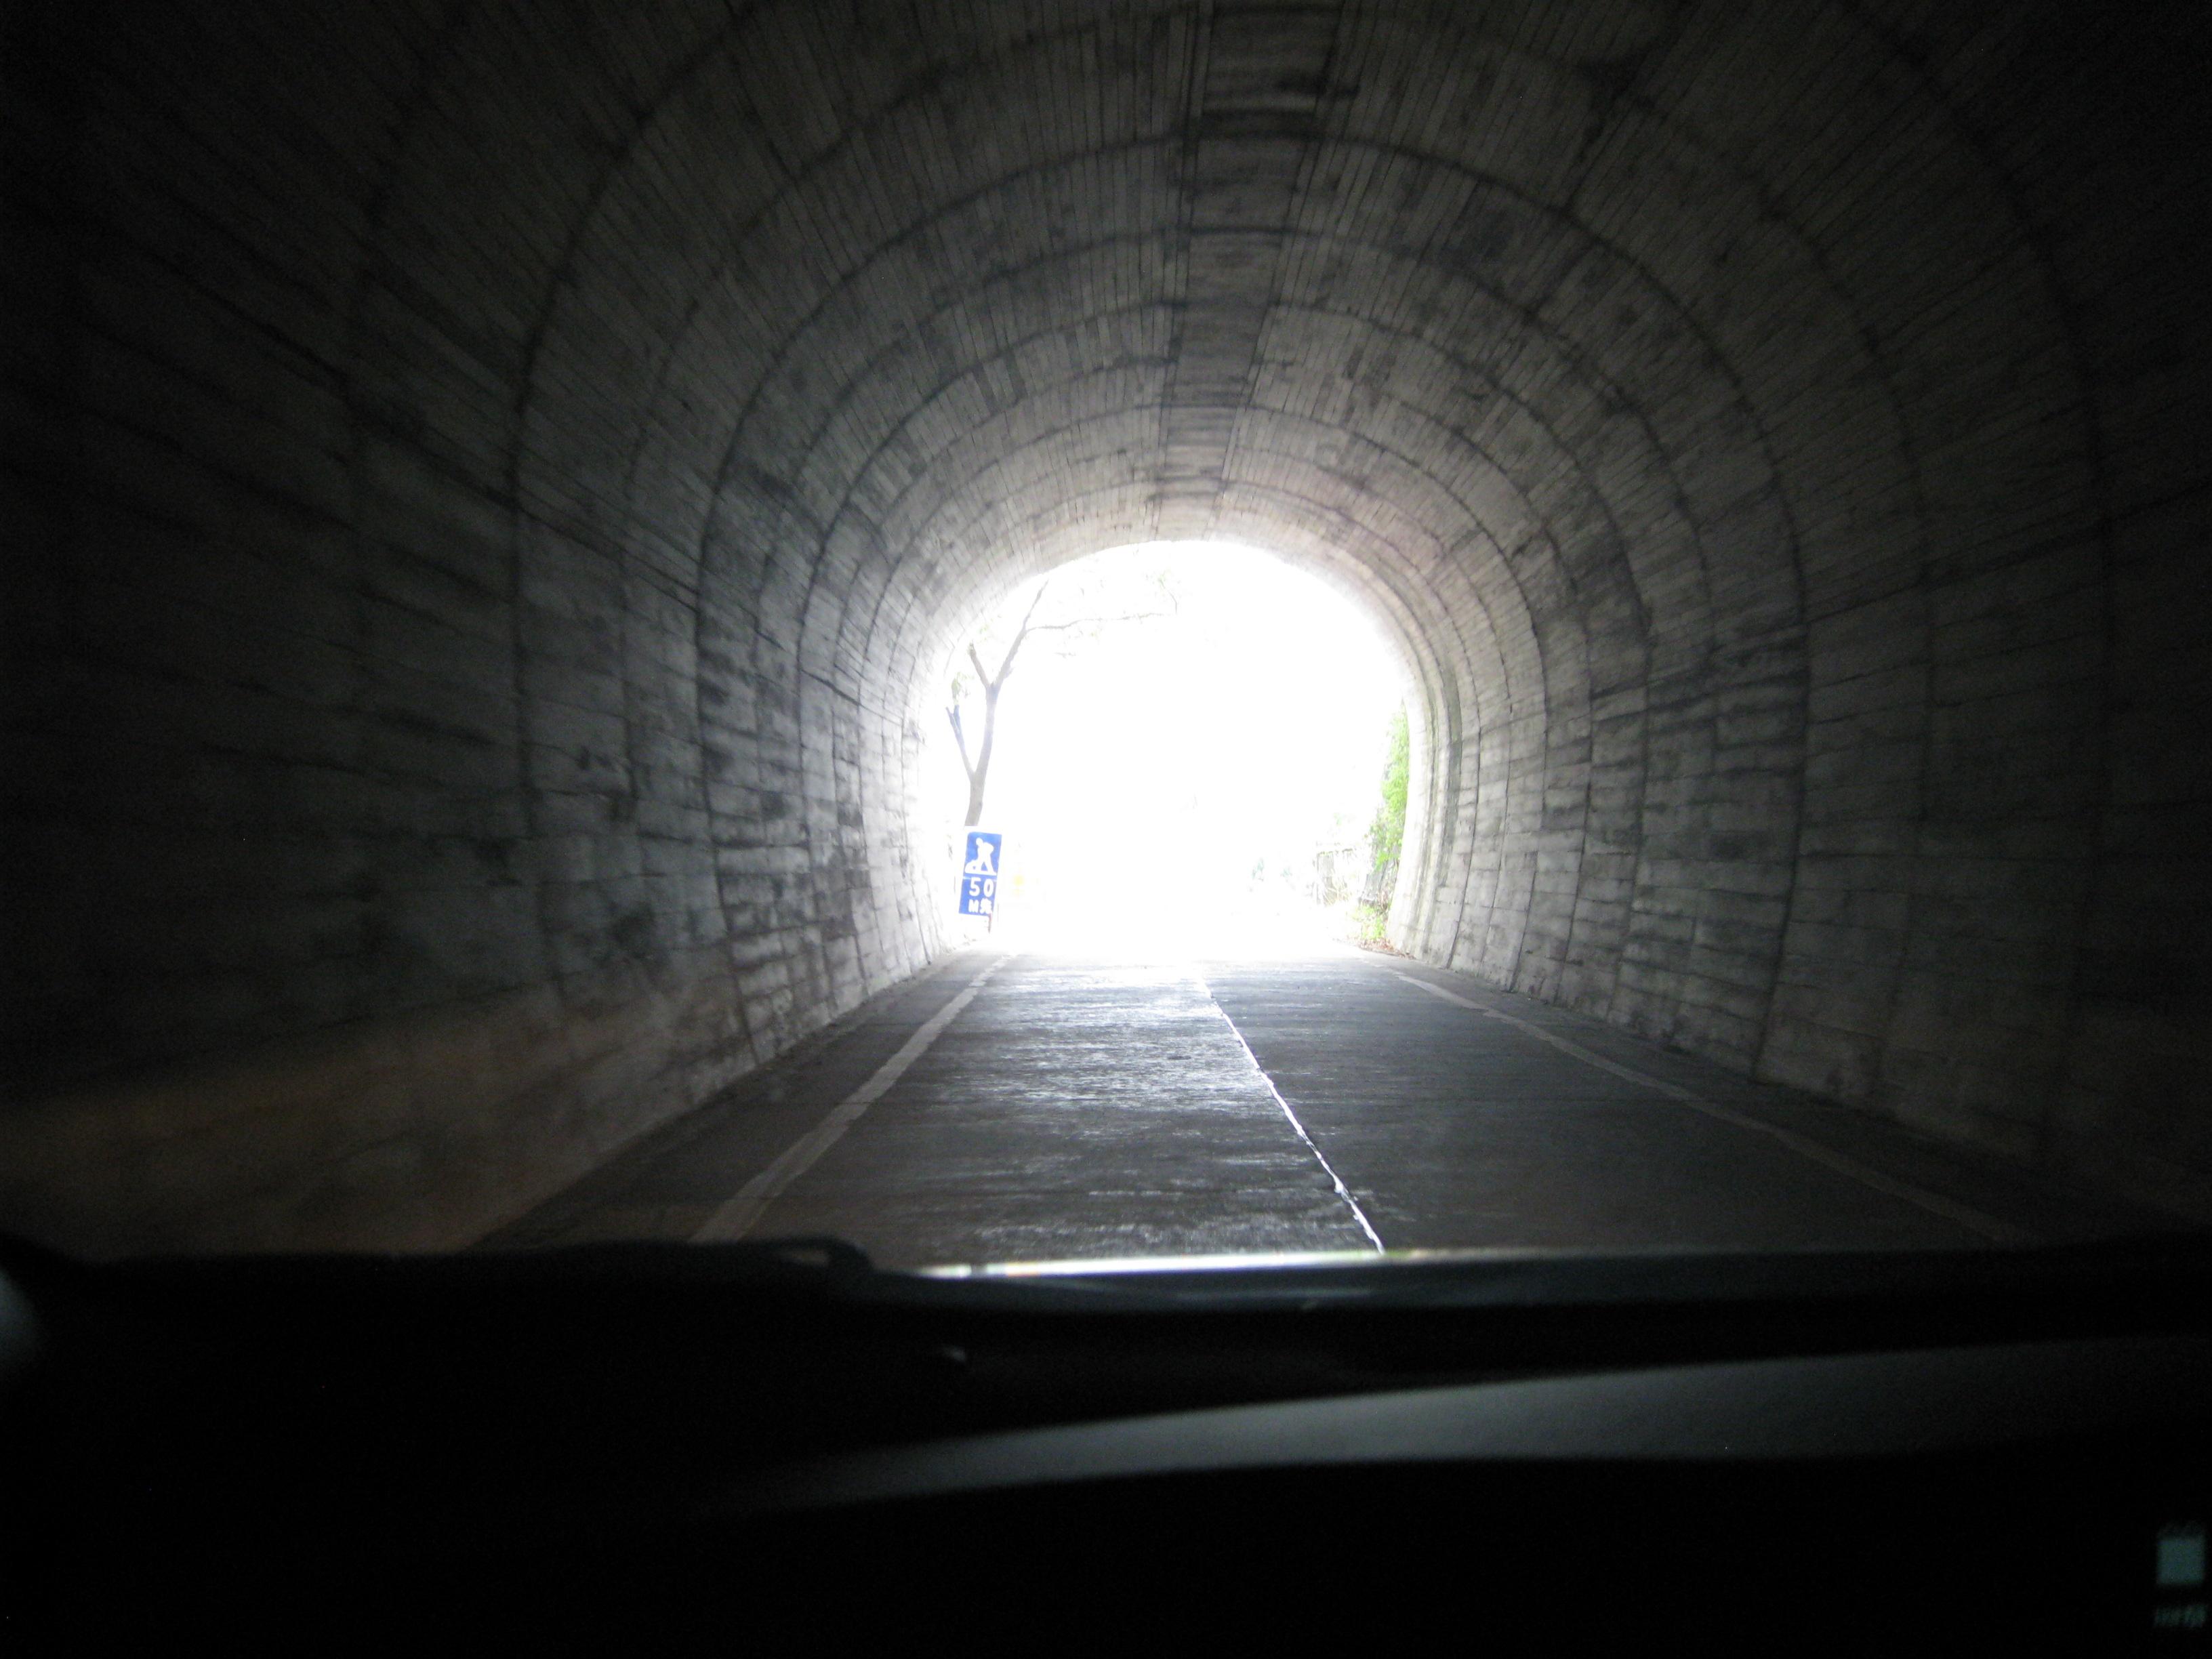 いのうえ内科脳神経クリニックのトンネルの出口には光があります